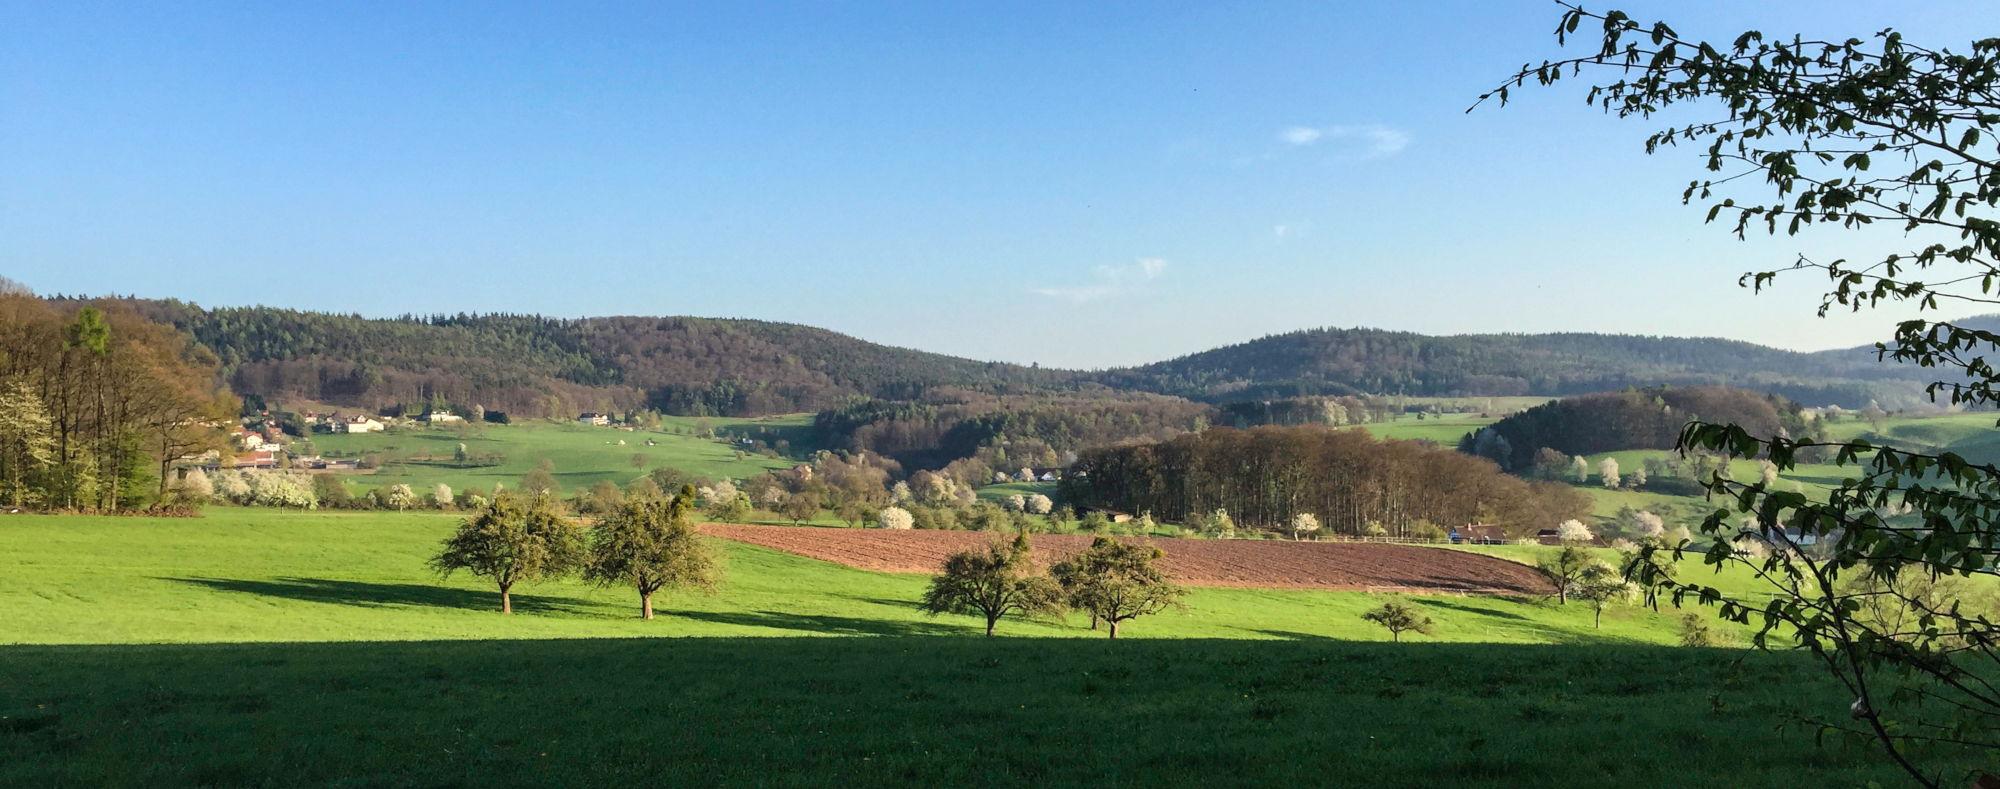 End Of Landschaft – Wie Deutschland das Gesicht verliert